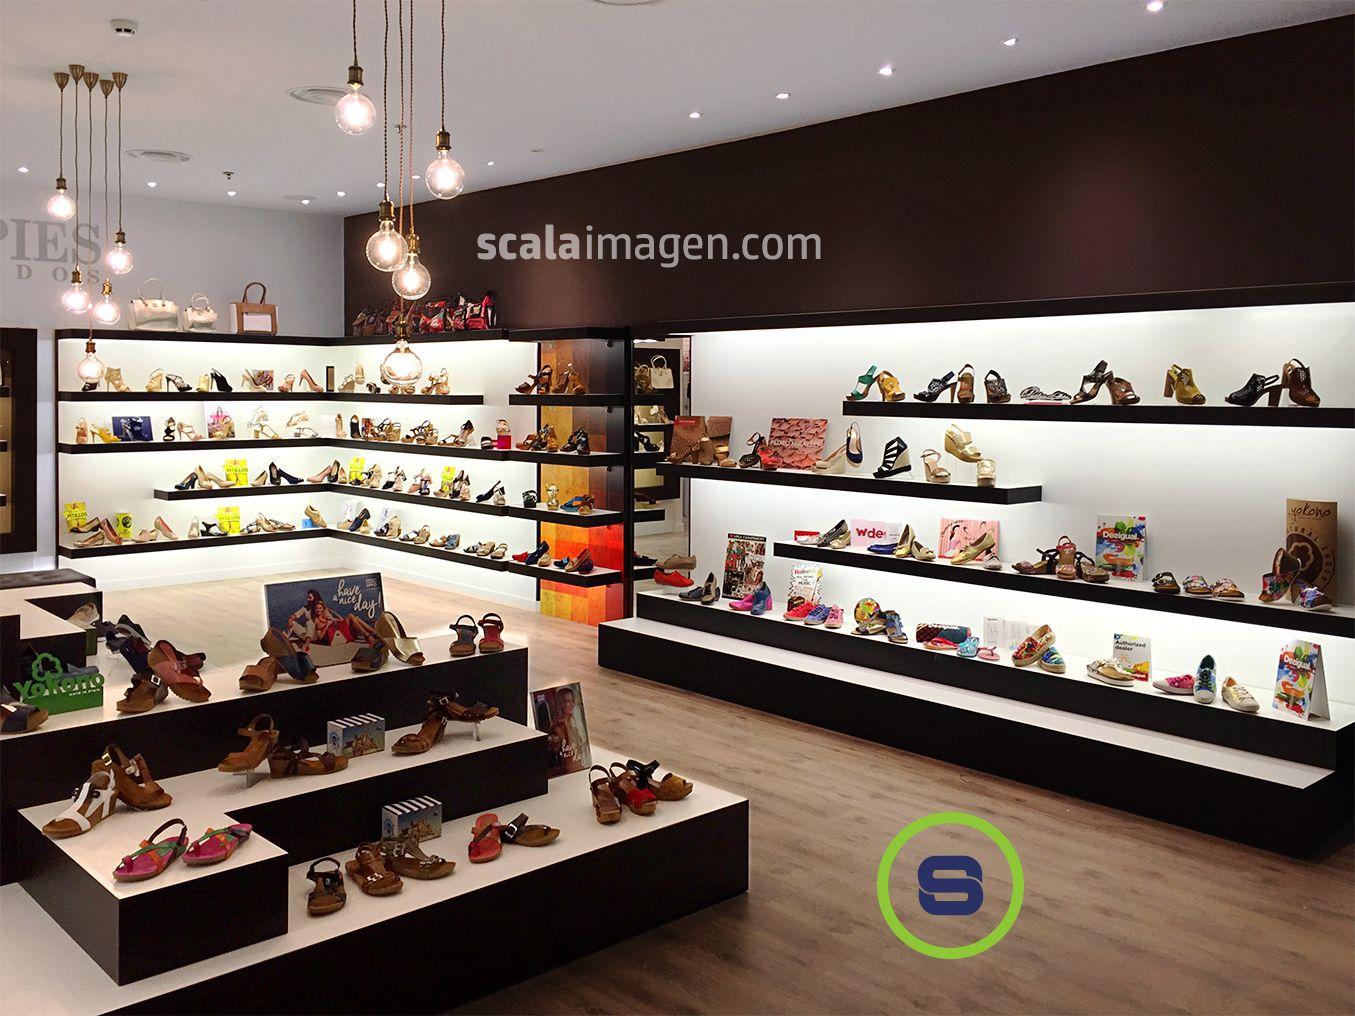 Diseño Y Realización De Interiorismo Comercial Proyecto Mil Pies Calzado Centro Comerc Diseño De Tienda De Zapatos Fachadas De Tiendas Interiores De Tienda